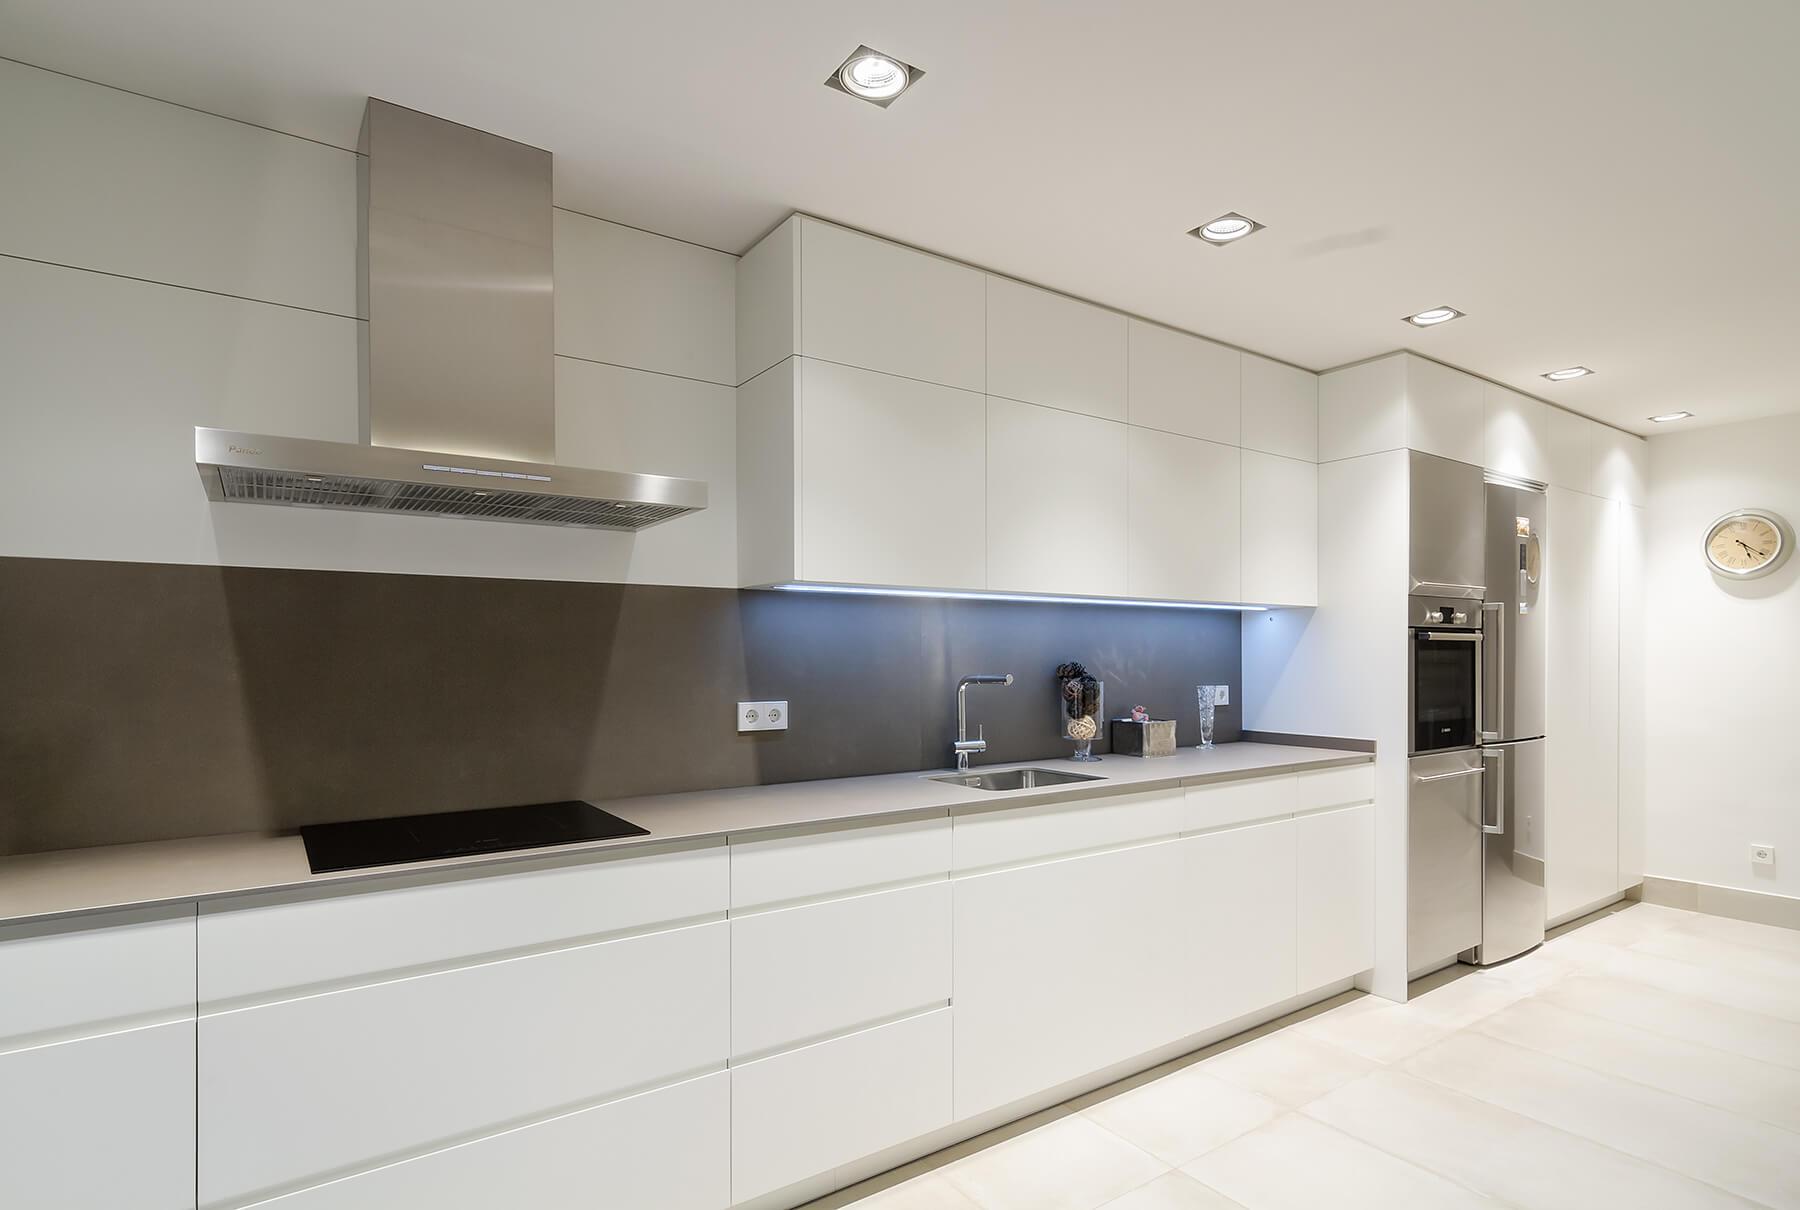 Cocinas lineales con un solo frente en tonos blanco y beige